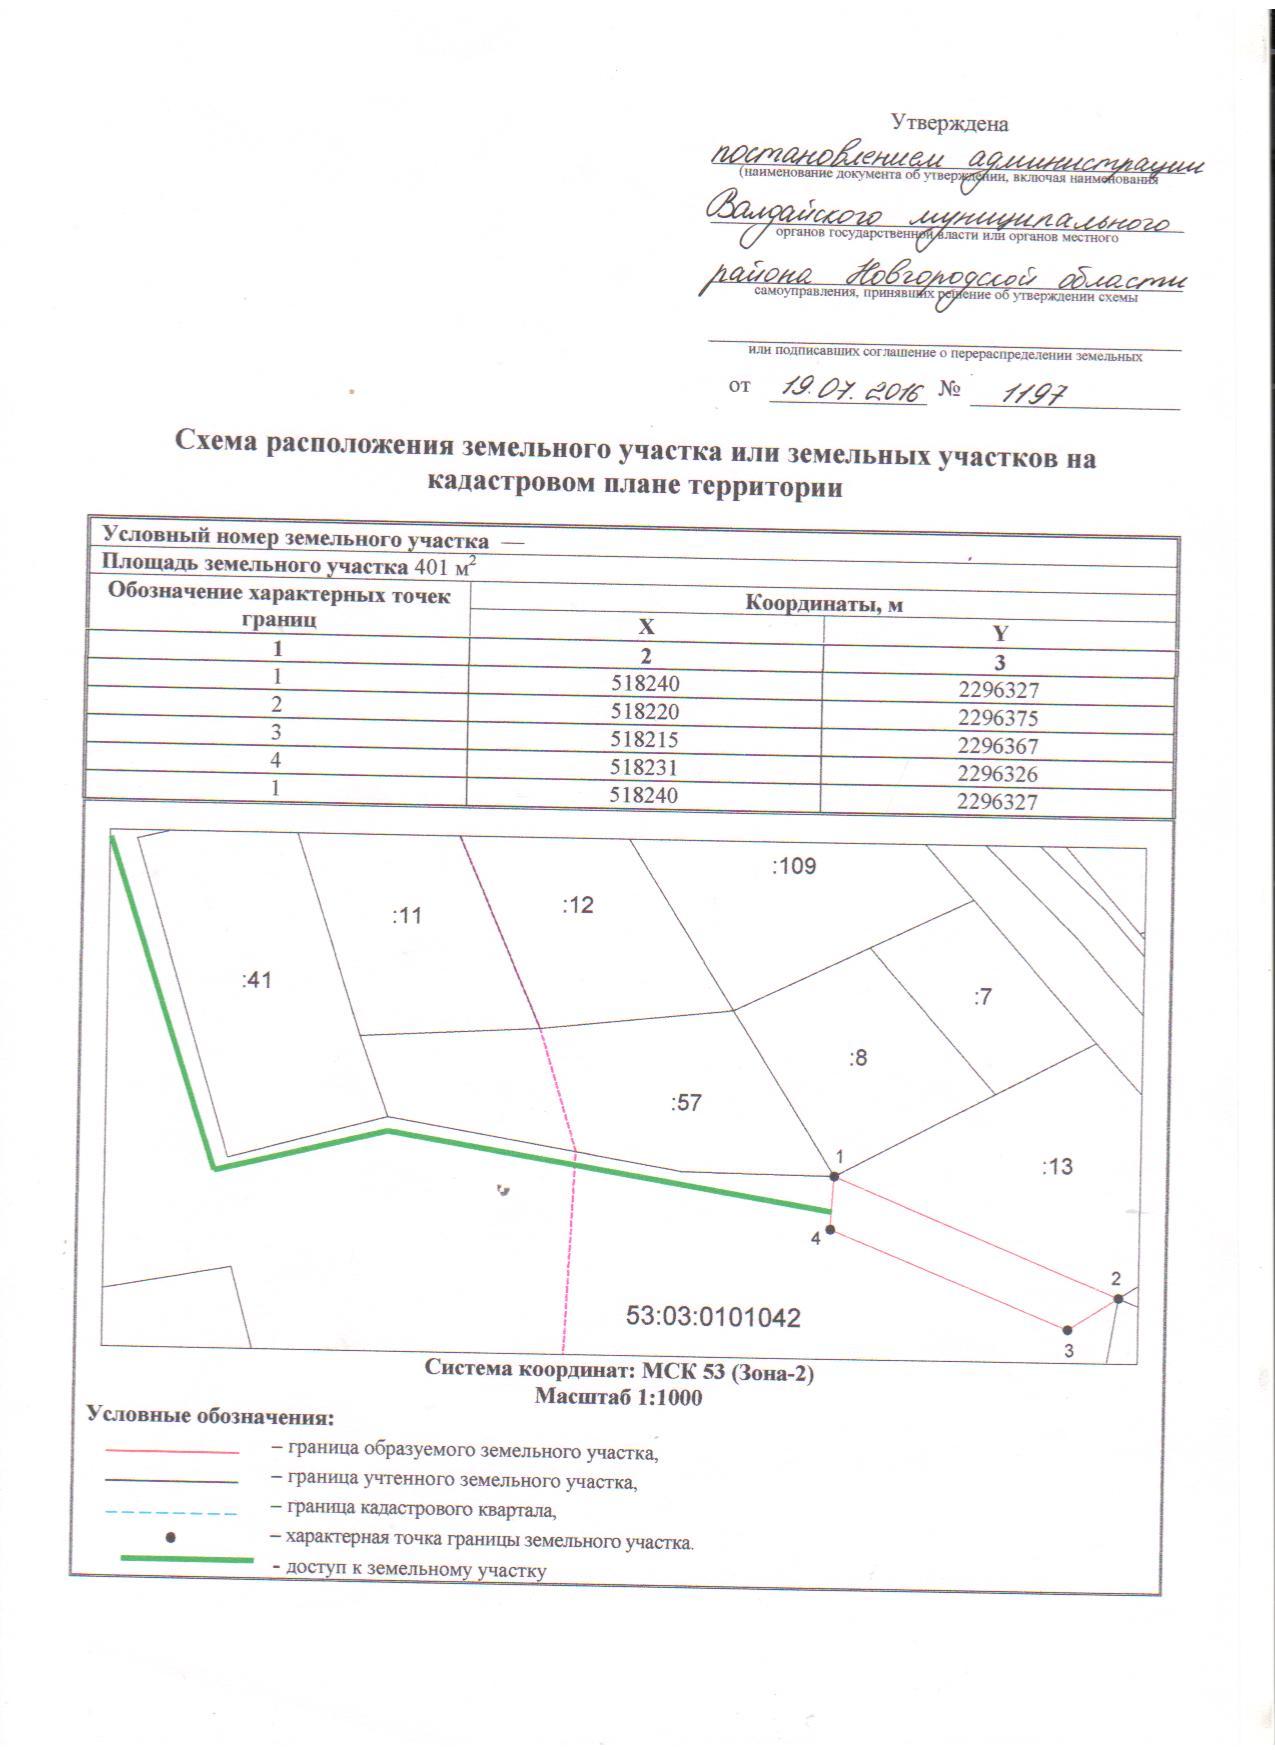 Основания отказа в утверждении схемы расположения земельного участка